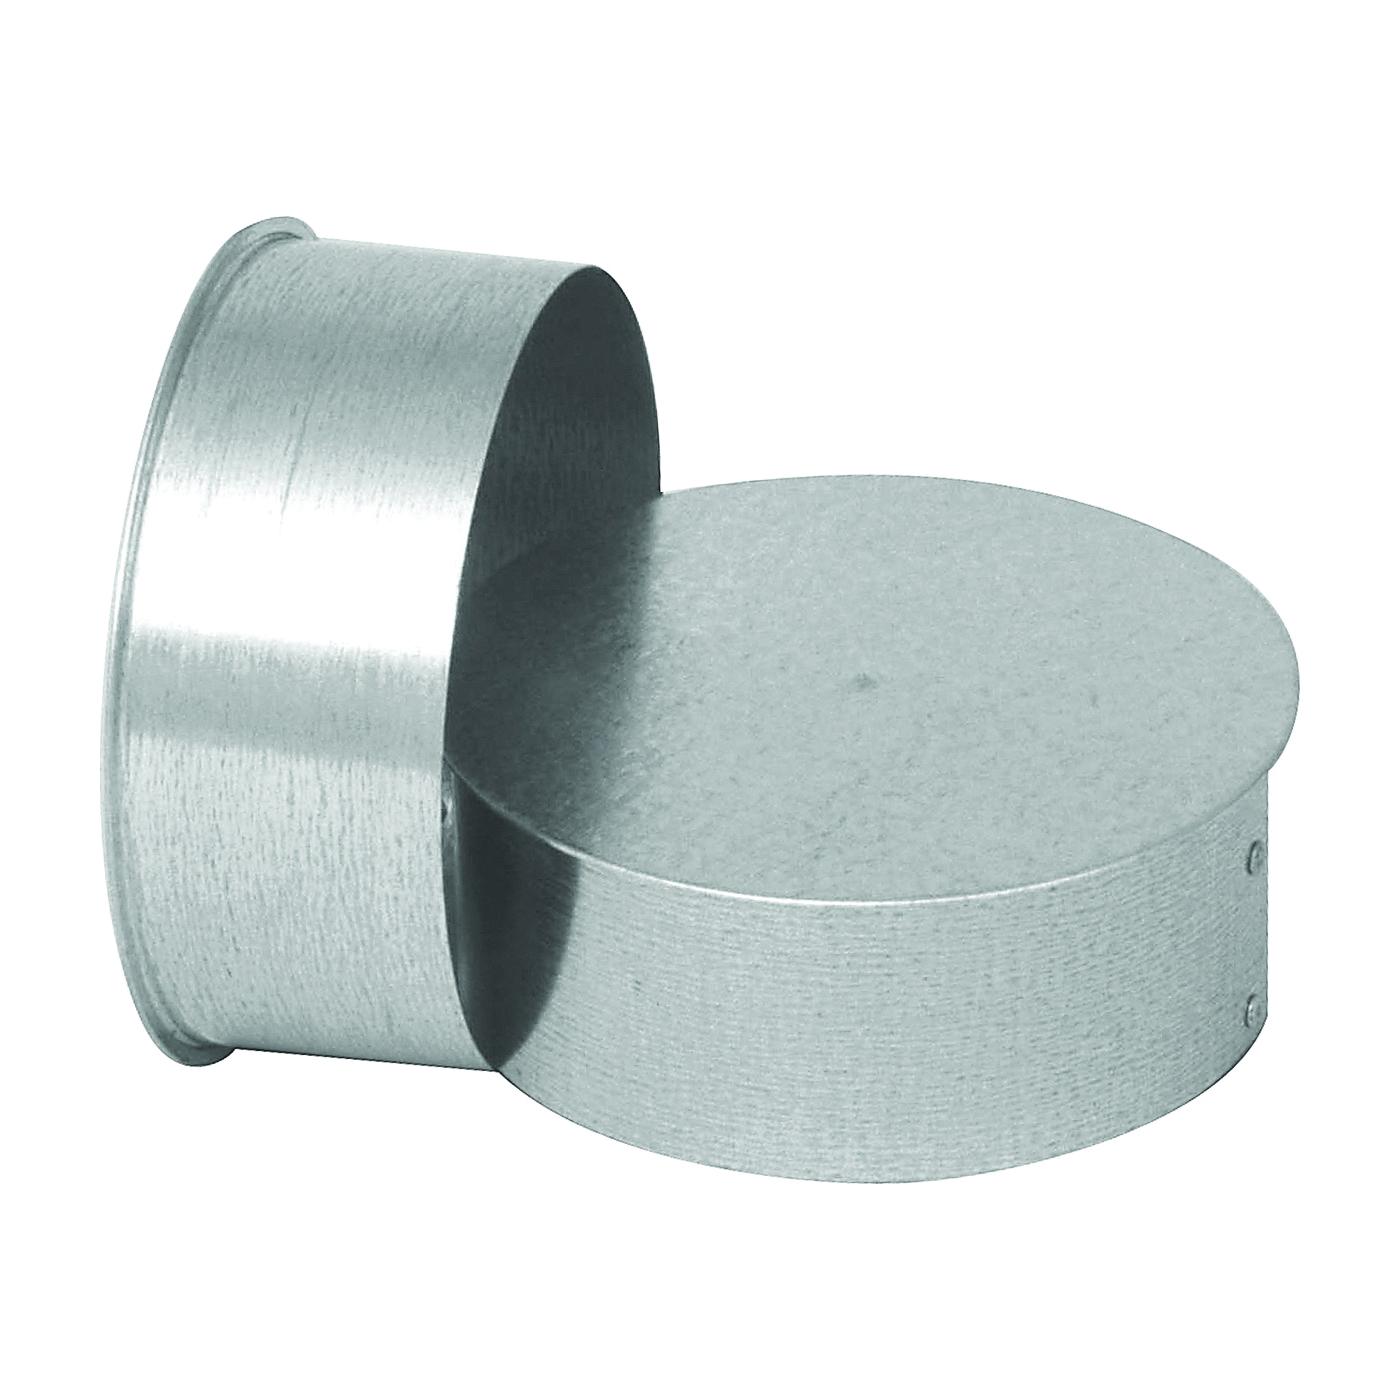 Picture of Imperial GV0726 Round End Cap, 8 in Dia, Galvanized Steel, Galvanized